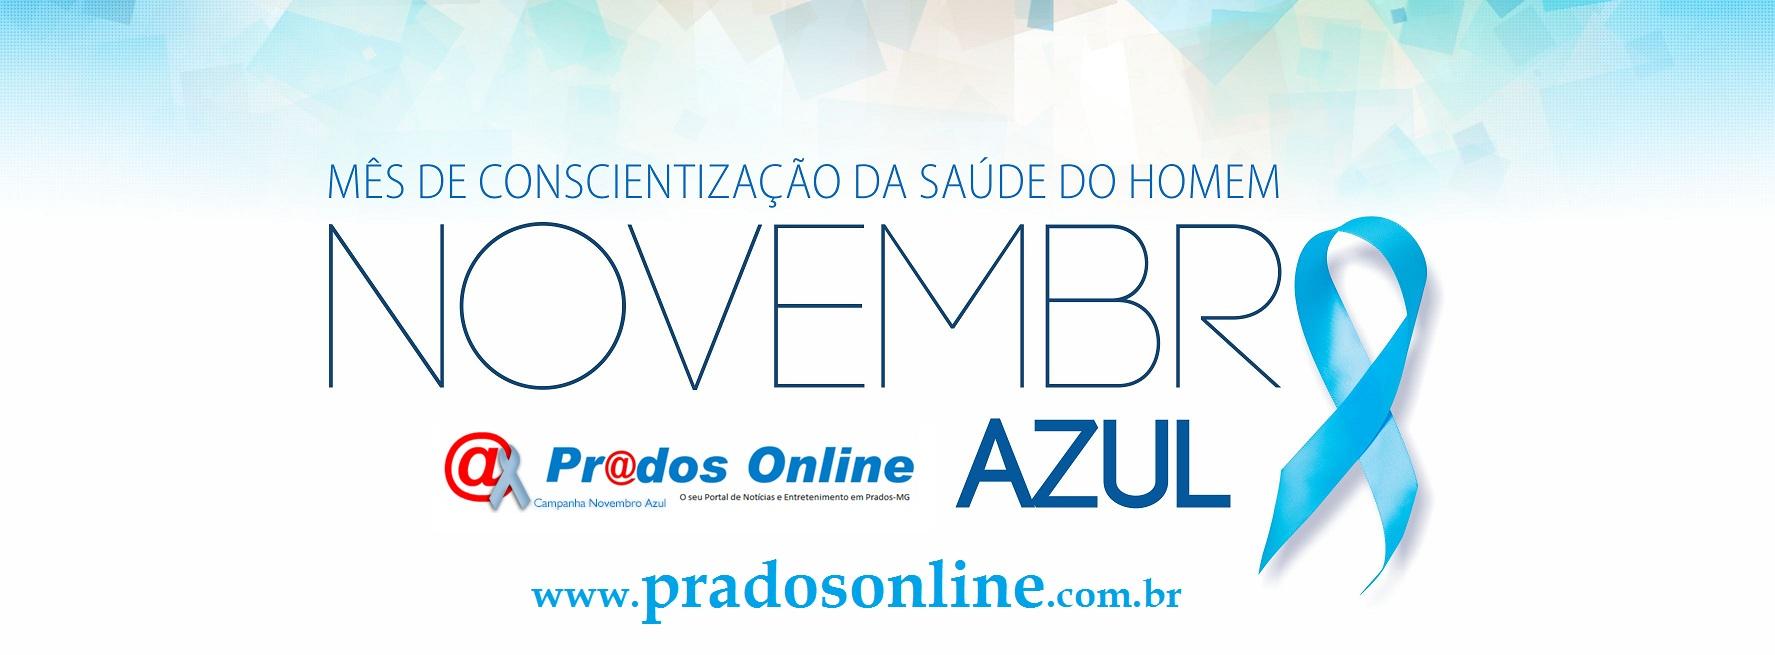 Novembro-Azul